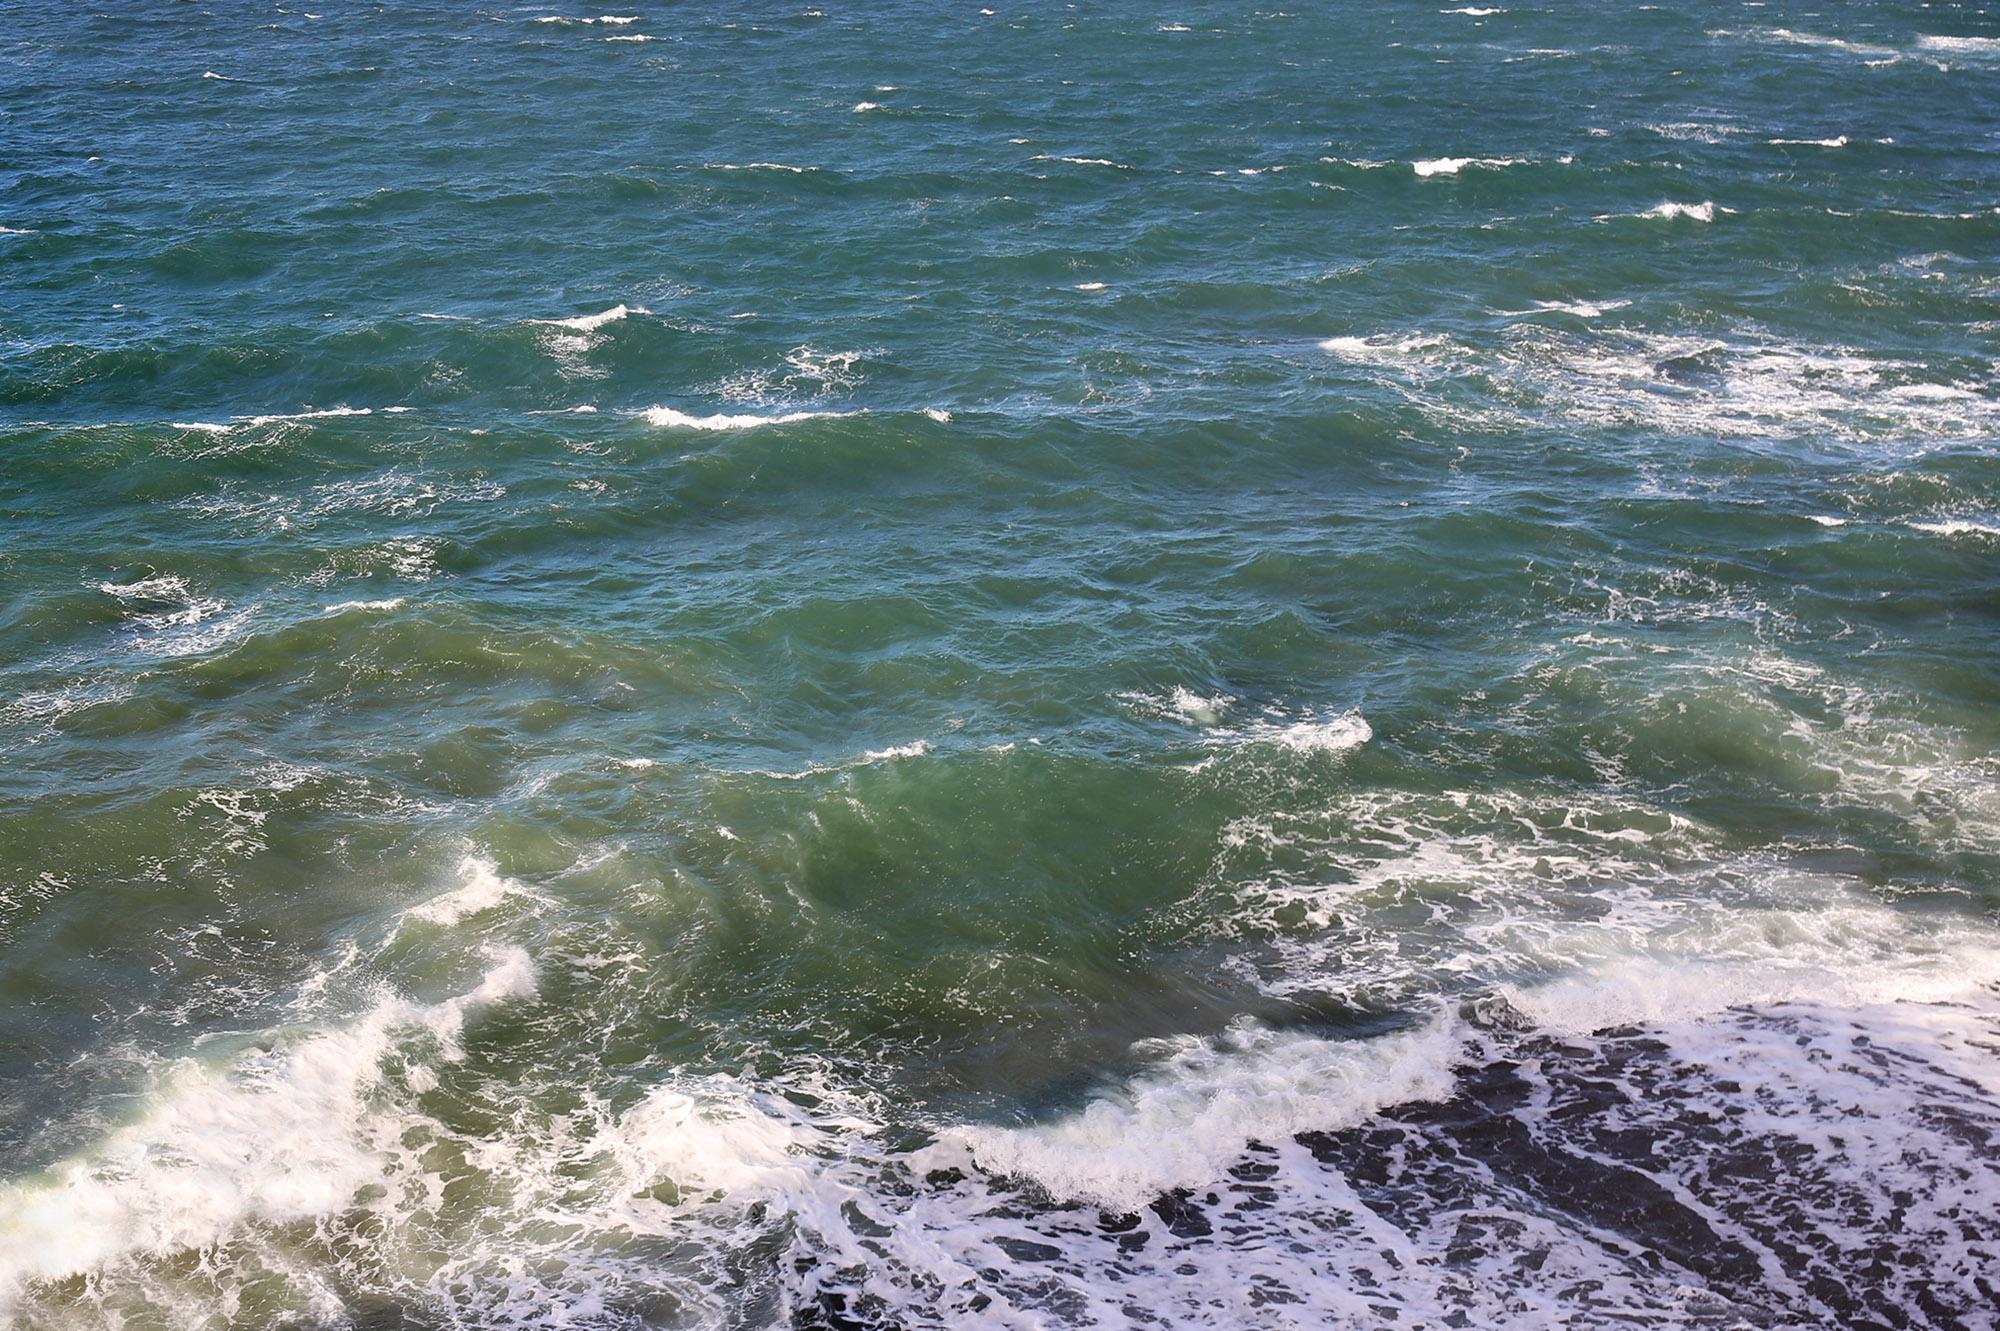 Ocean Delights by Rich J. Velasco